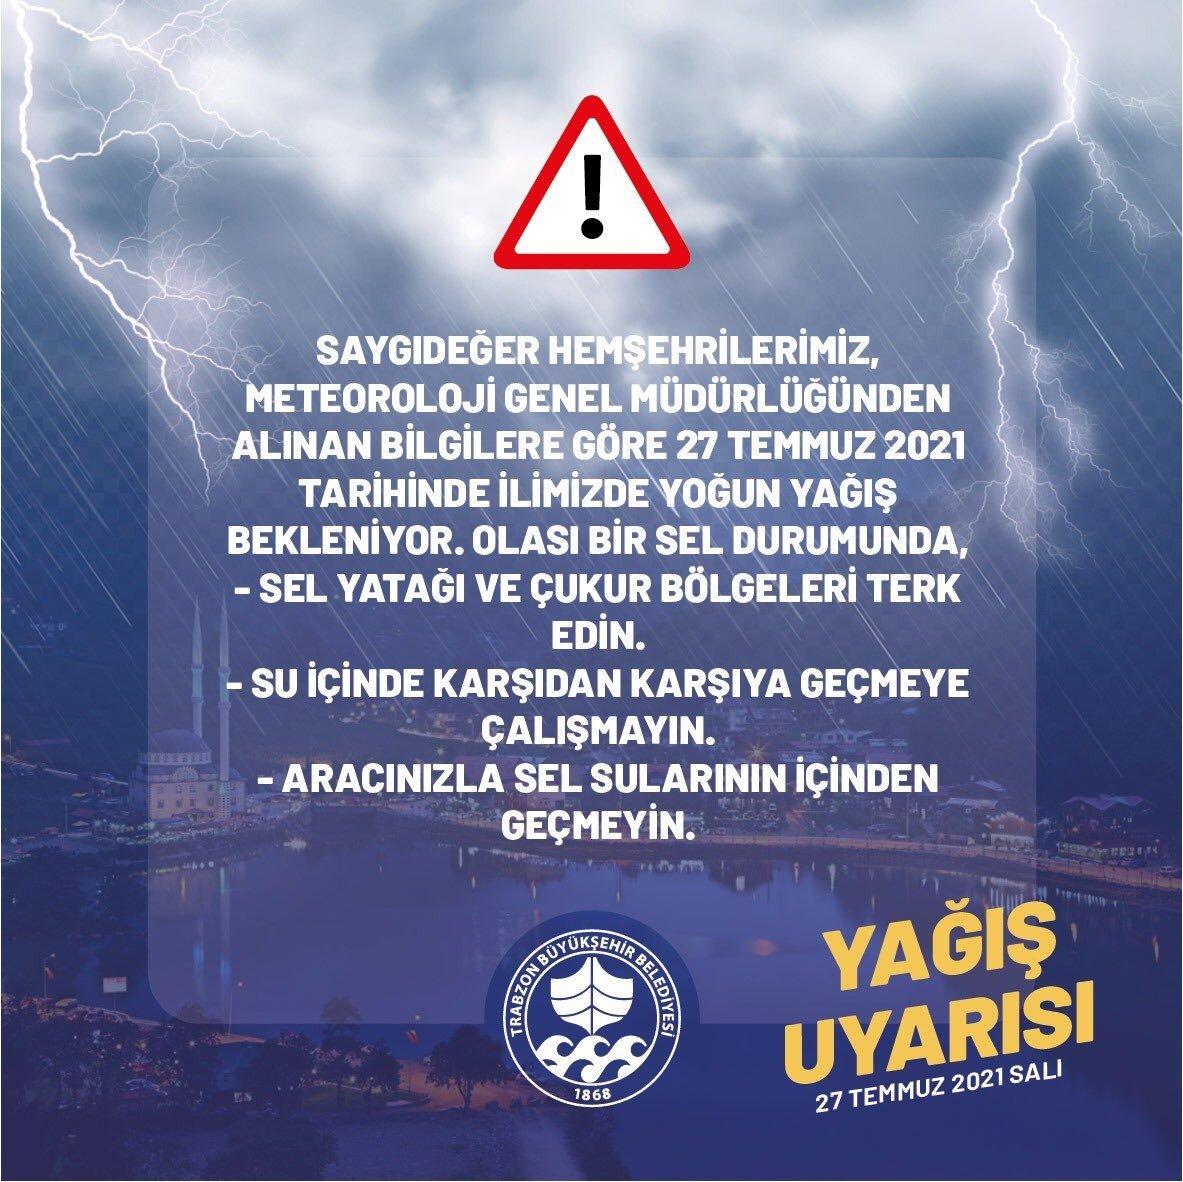 yagis 1